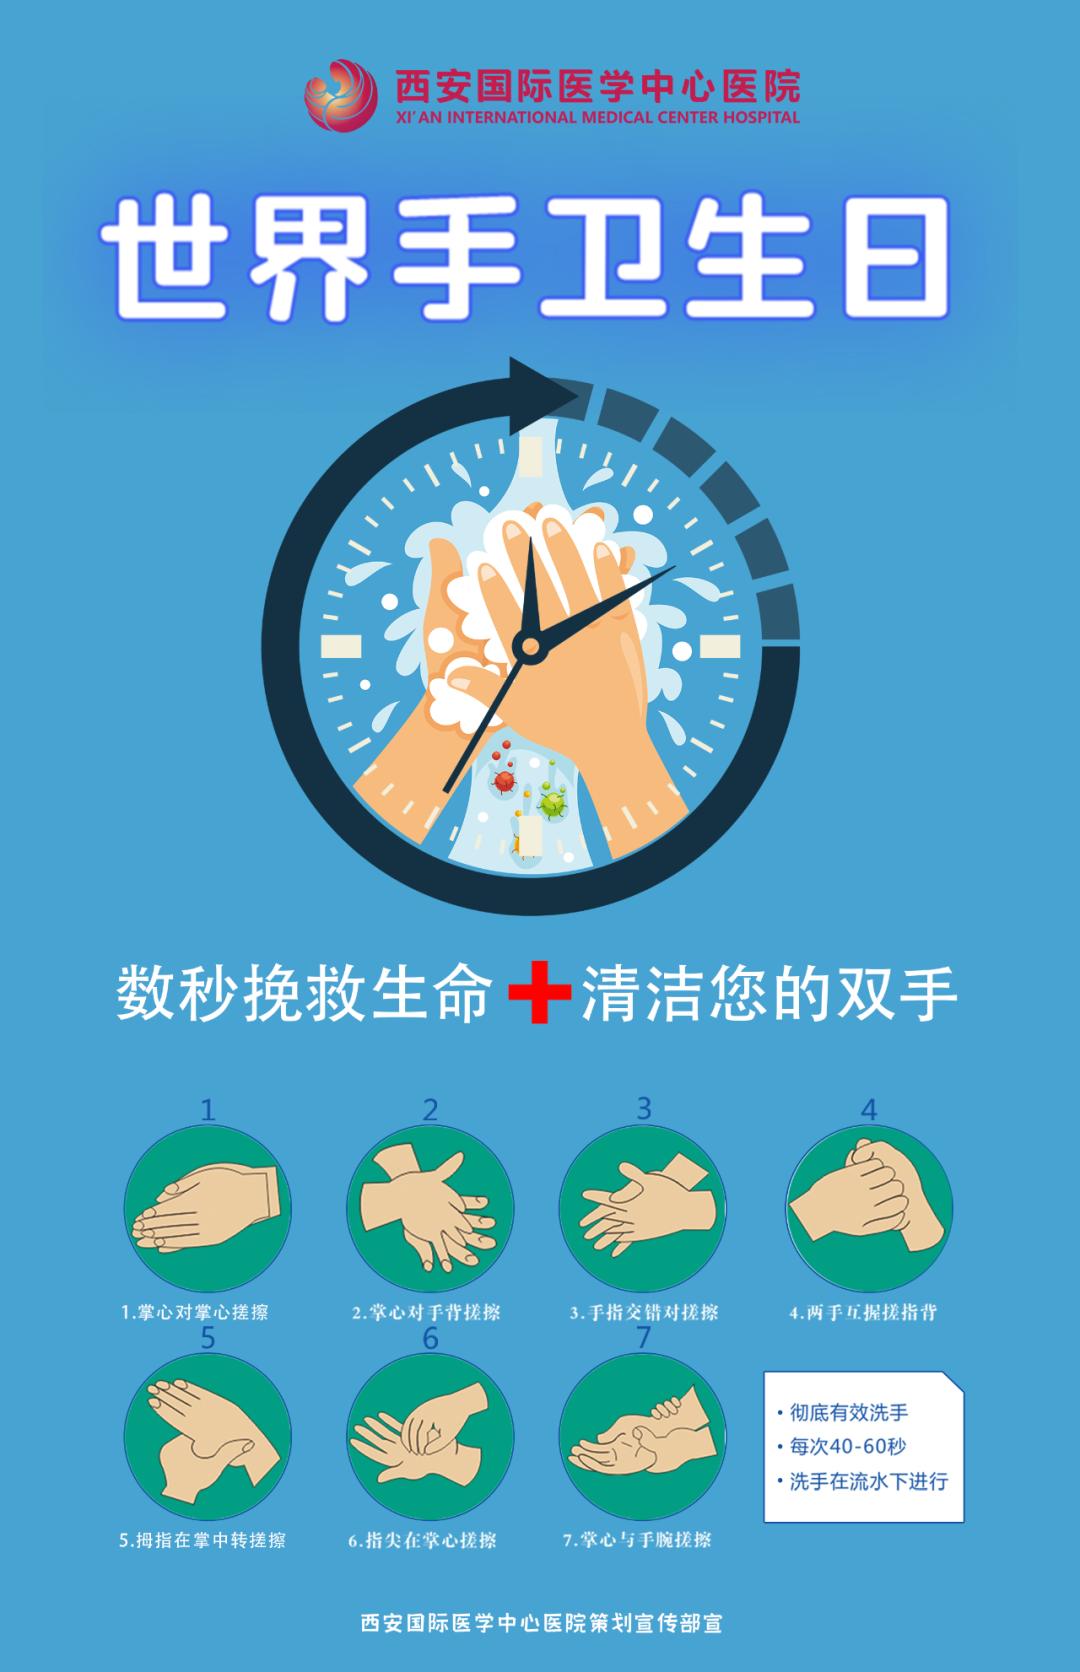 世界手卫生日|「手」护健康